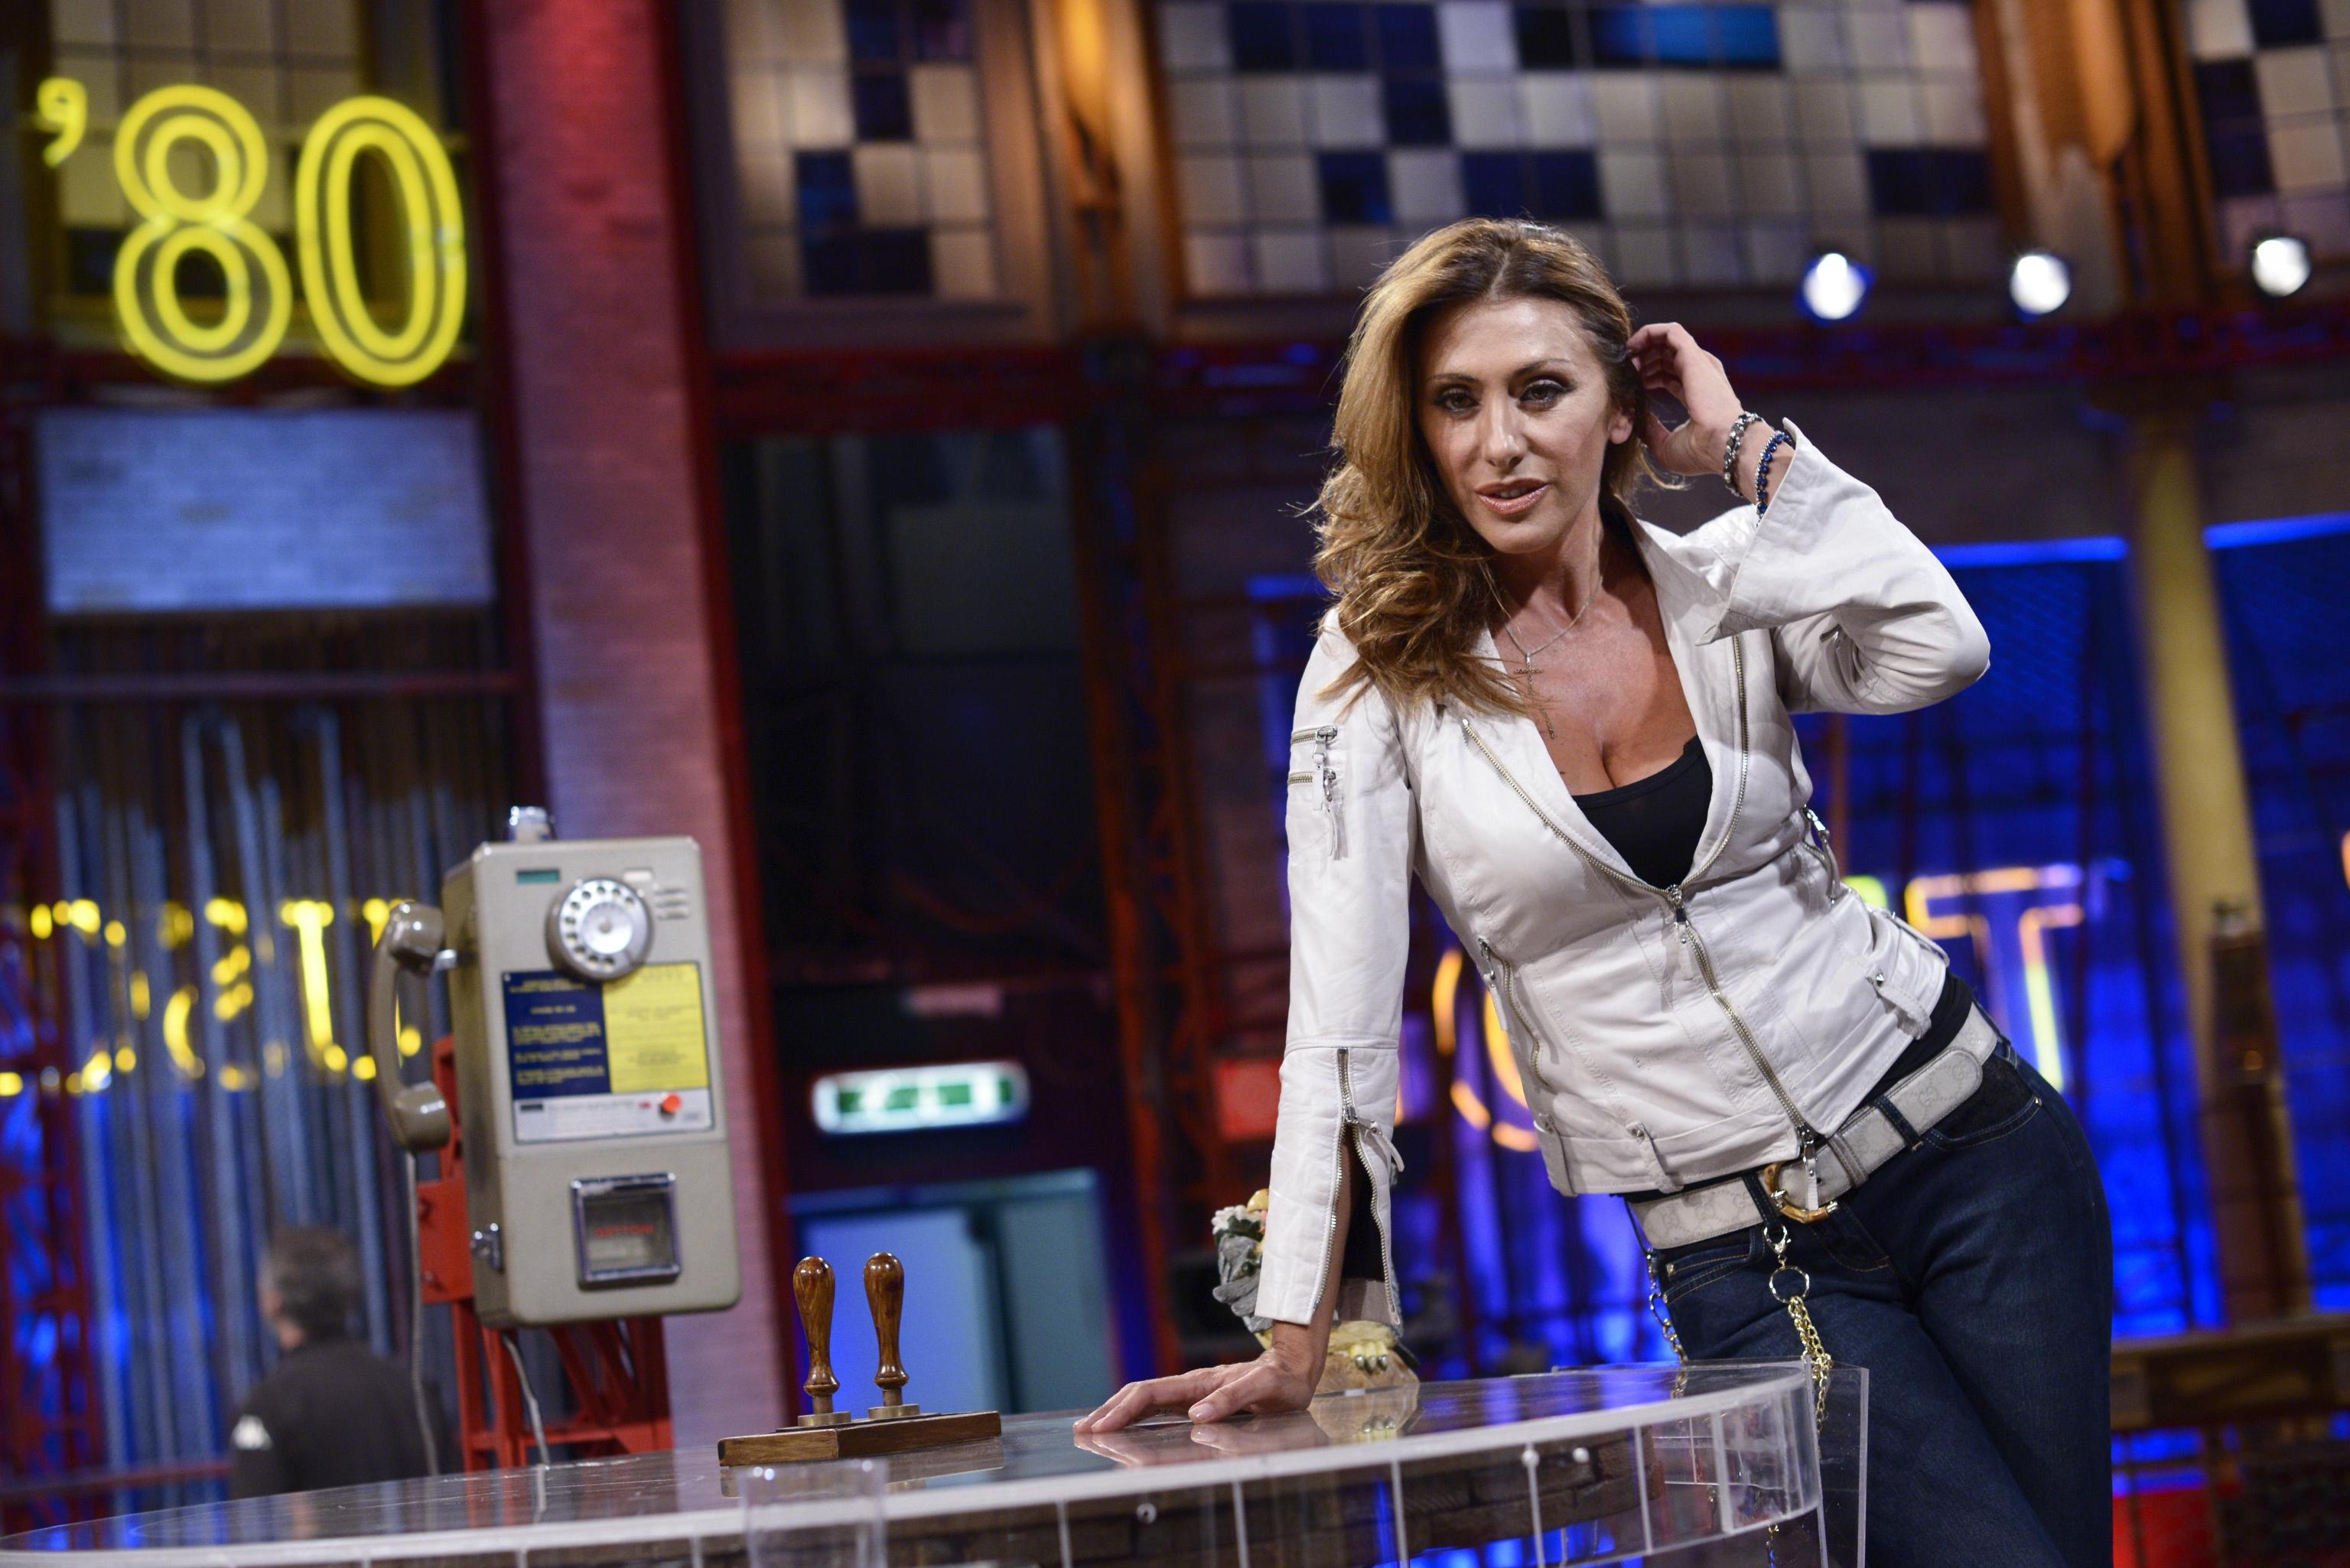 Sabrina Salerno: 'Le avances? Ho dato calci e schiaffi. La tv? Mi chiamano solo per i reality'